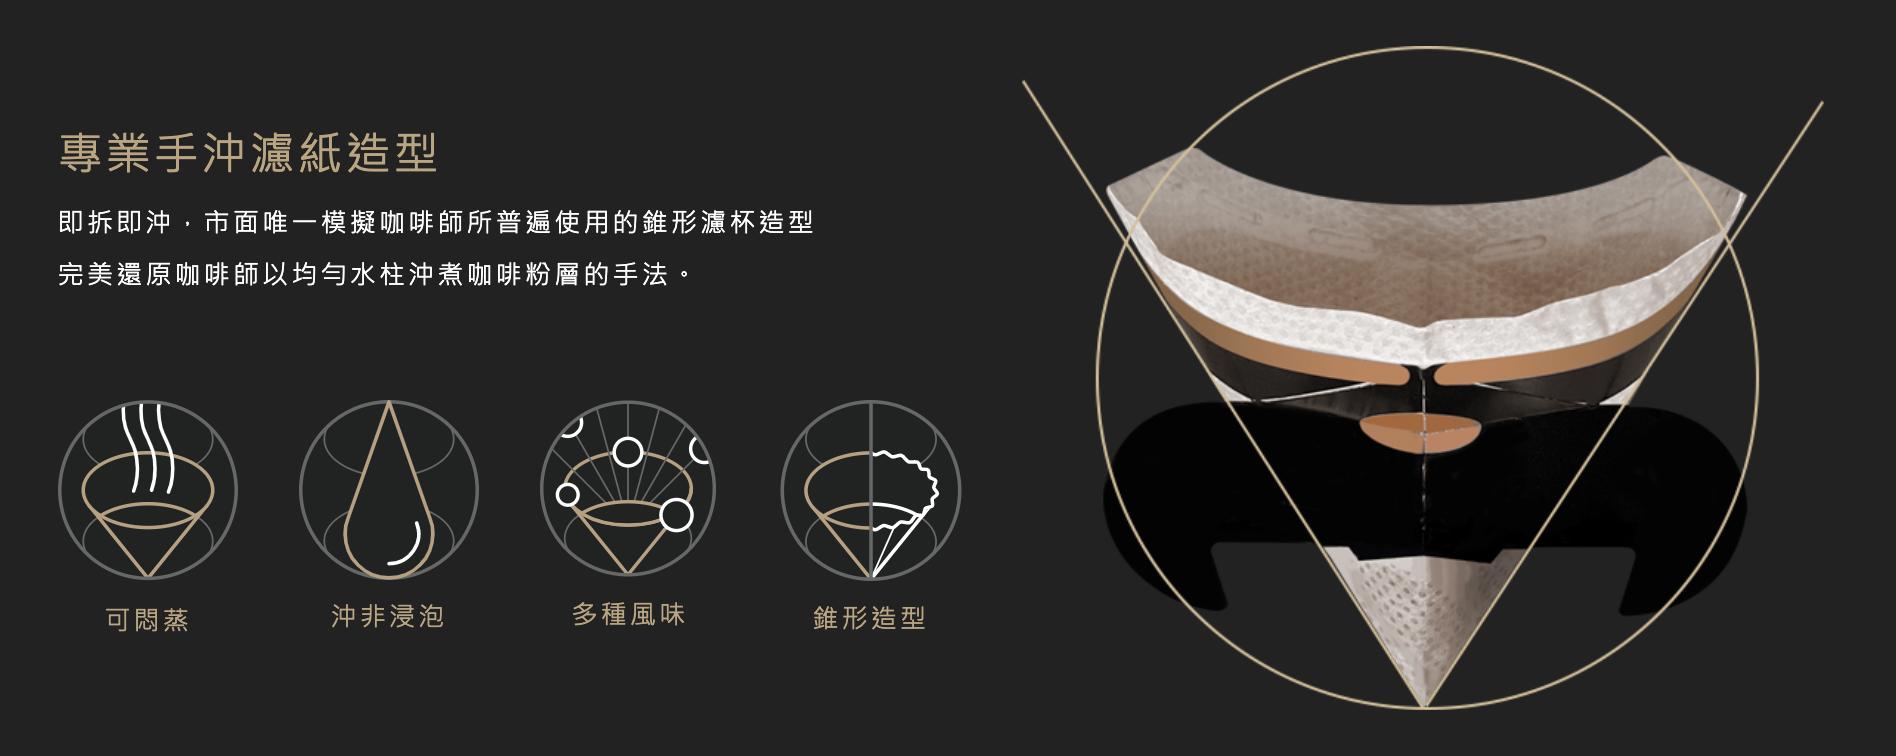 iDrip選擇日本進口濾紙可以有效降低咖啡因